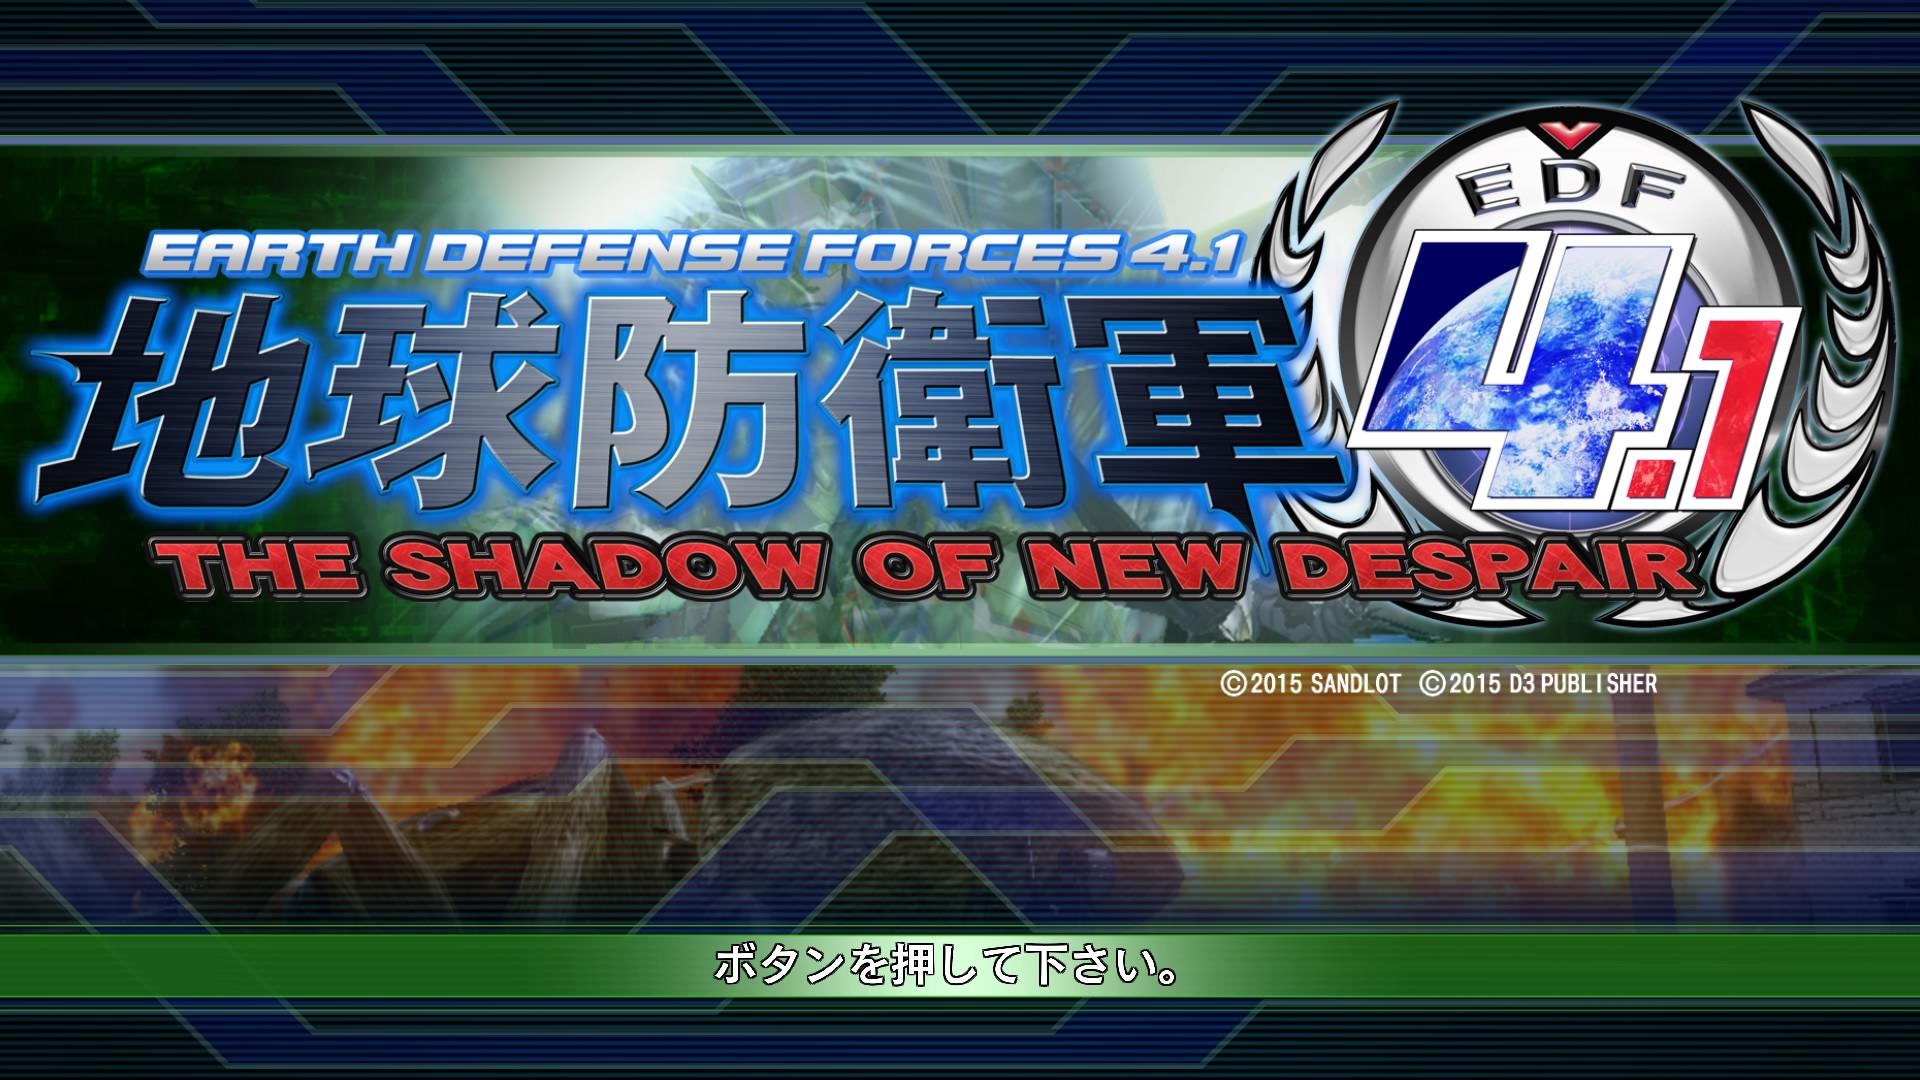 軍 5 防衛 チート 地球